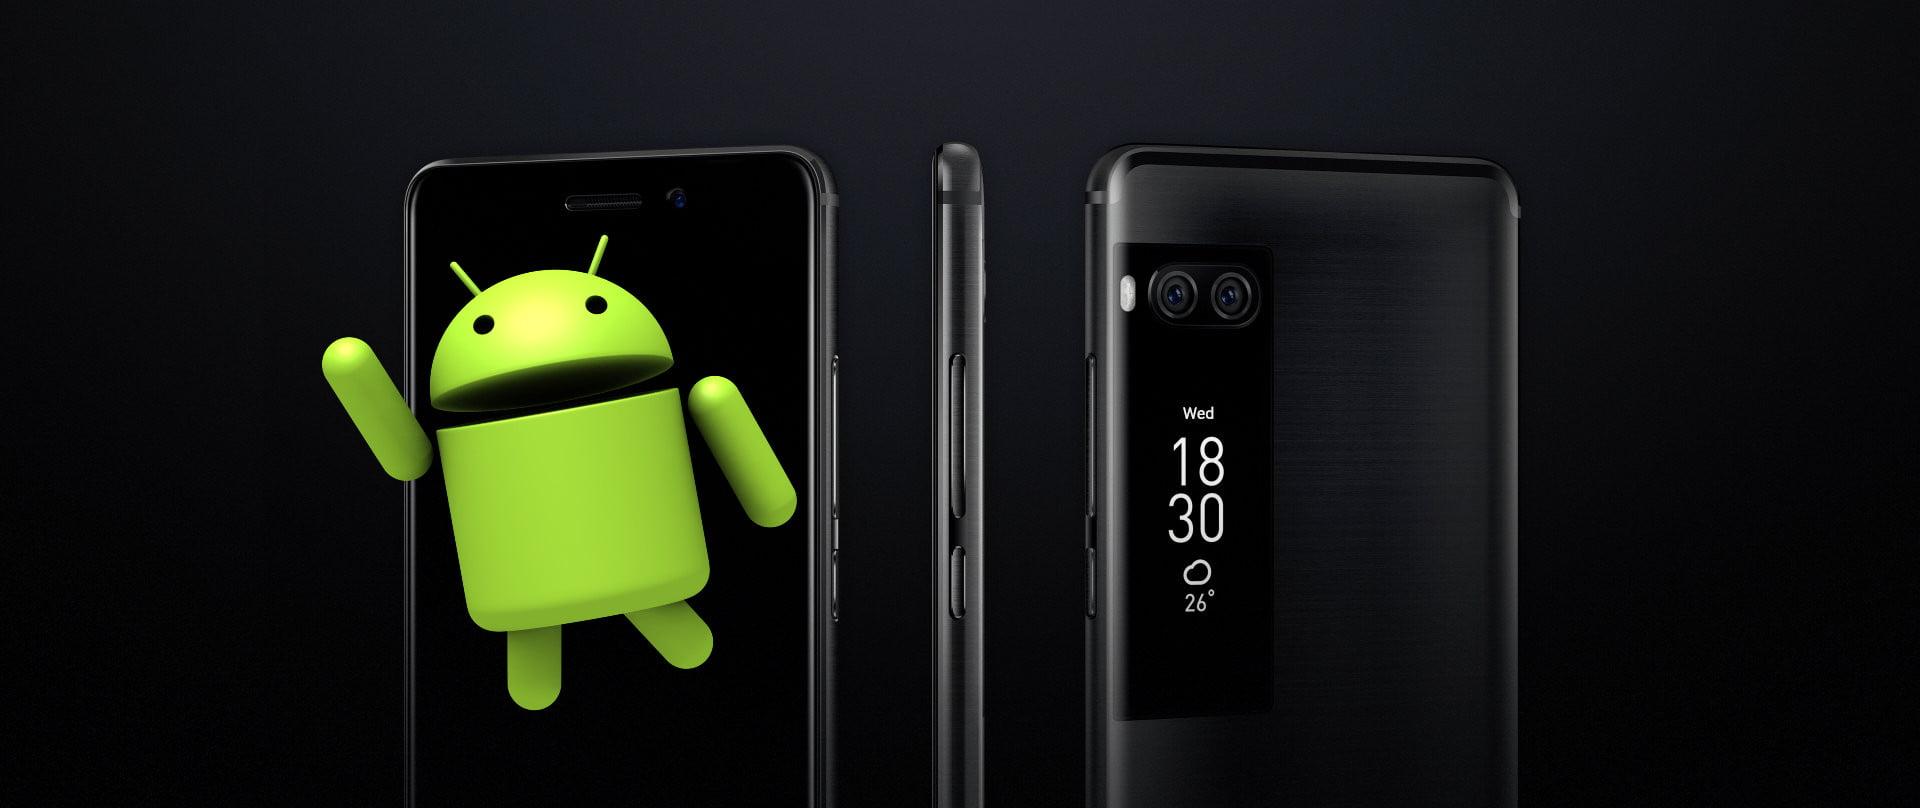 Tabletowo.pl Smartfony Meizu znów mają certyfikację Google. Co to oznacza? Meizu Smartfony